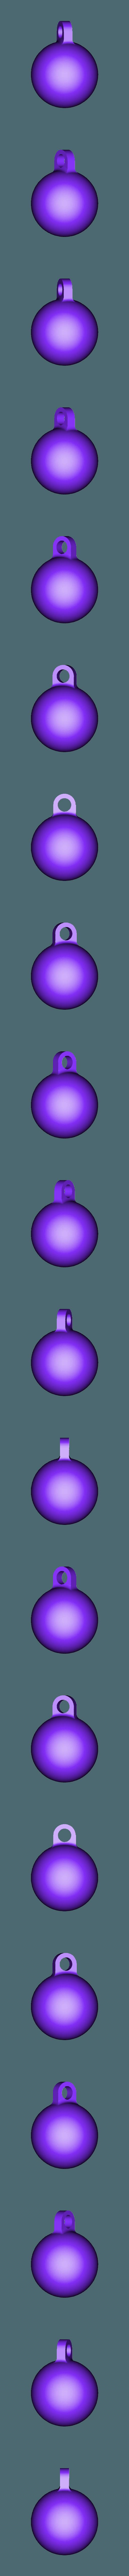 1908-01 Part04.stl Télécharger fichier STL gratuit Jouet à cueillir les poulets • Modèle à imprimer en 3D, EL3D